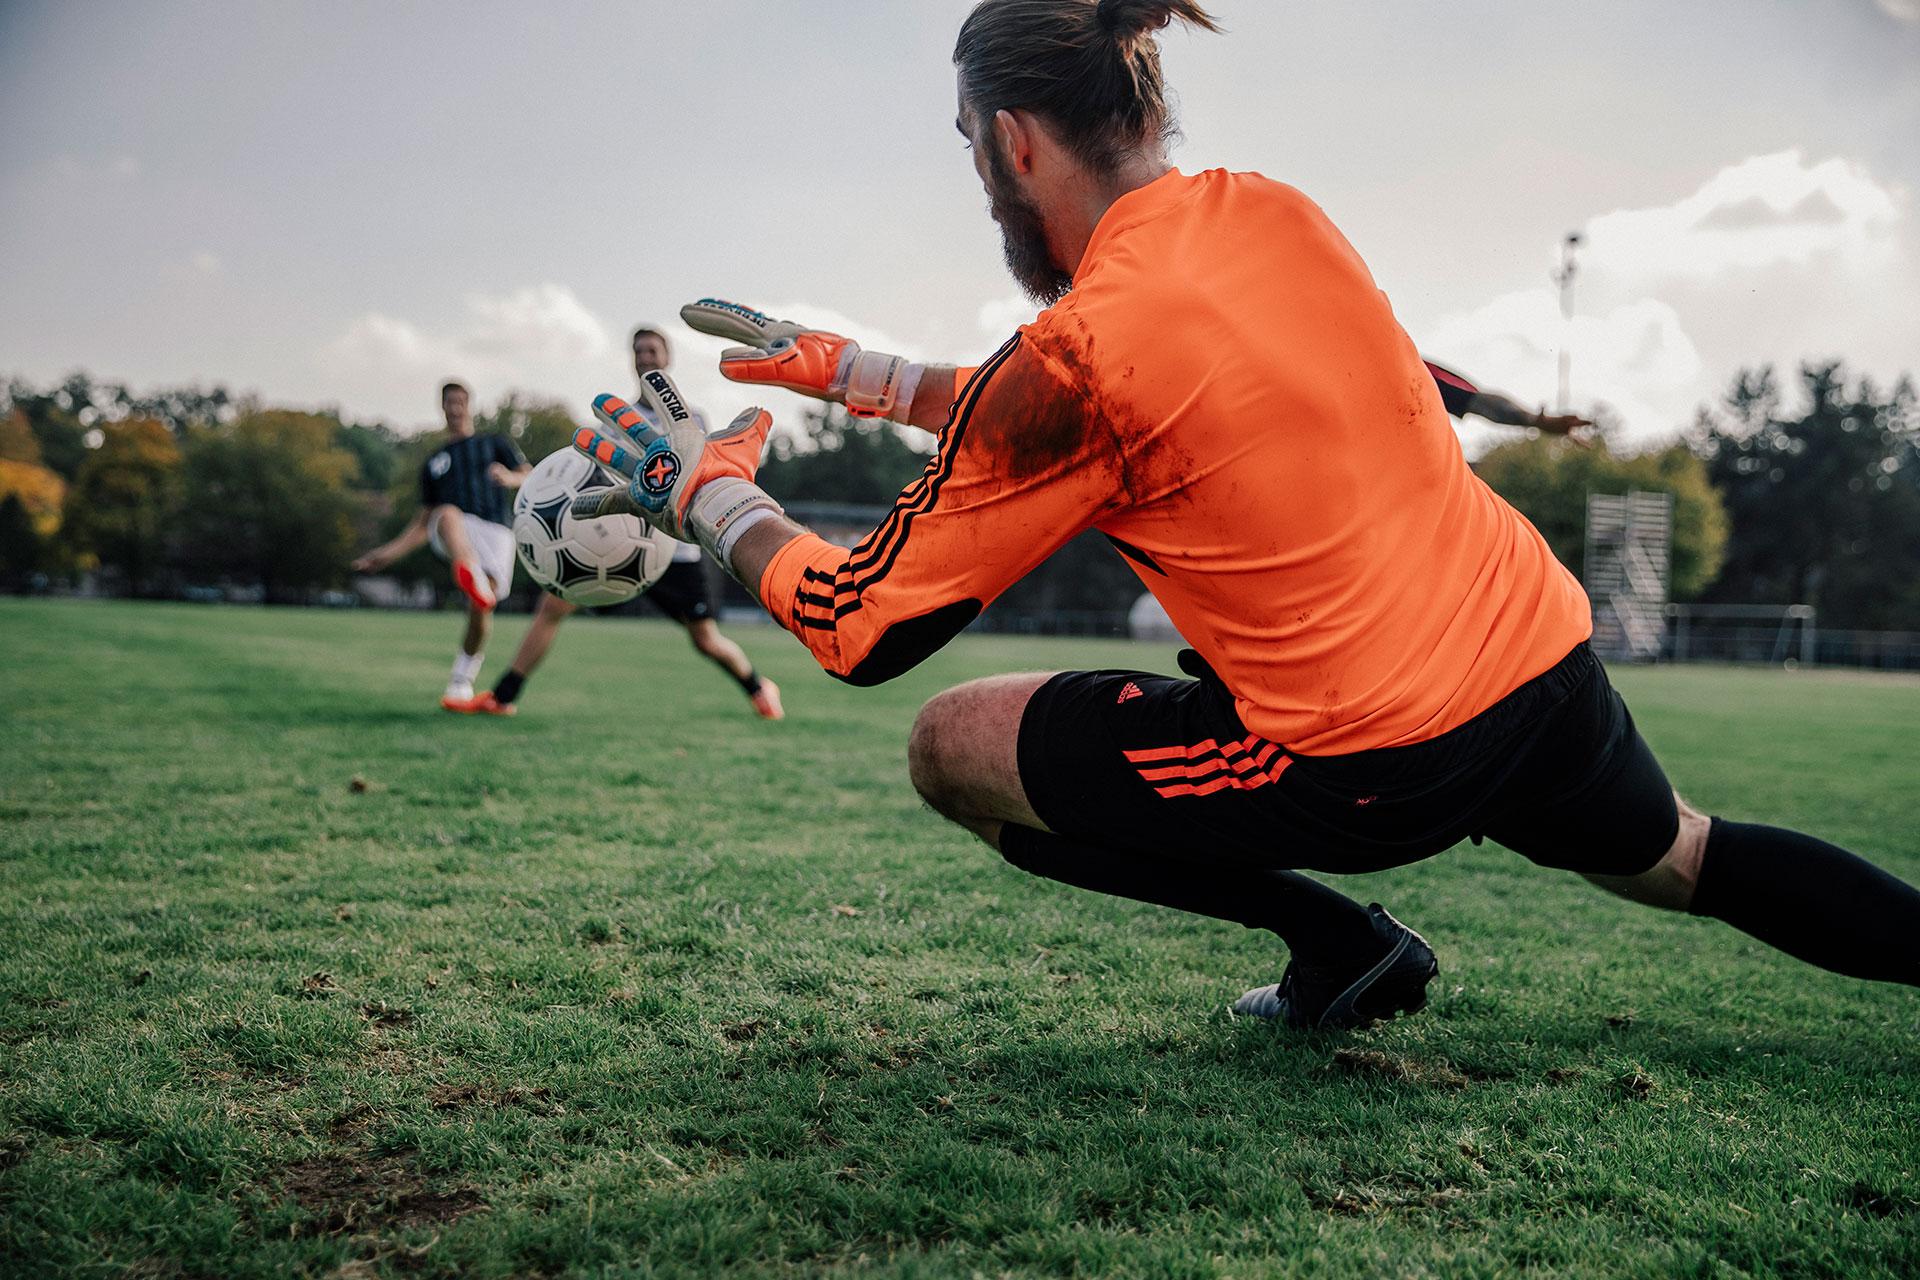 Teamsport Fotograf Sport Outdoor Fußball Aktion Adidas Kampagne muenchen deutschland